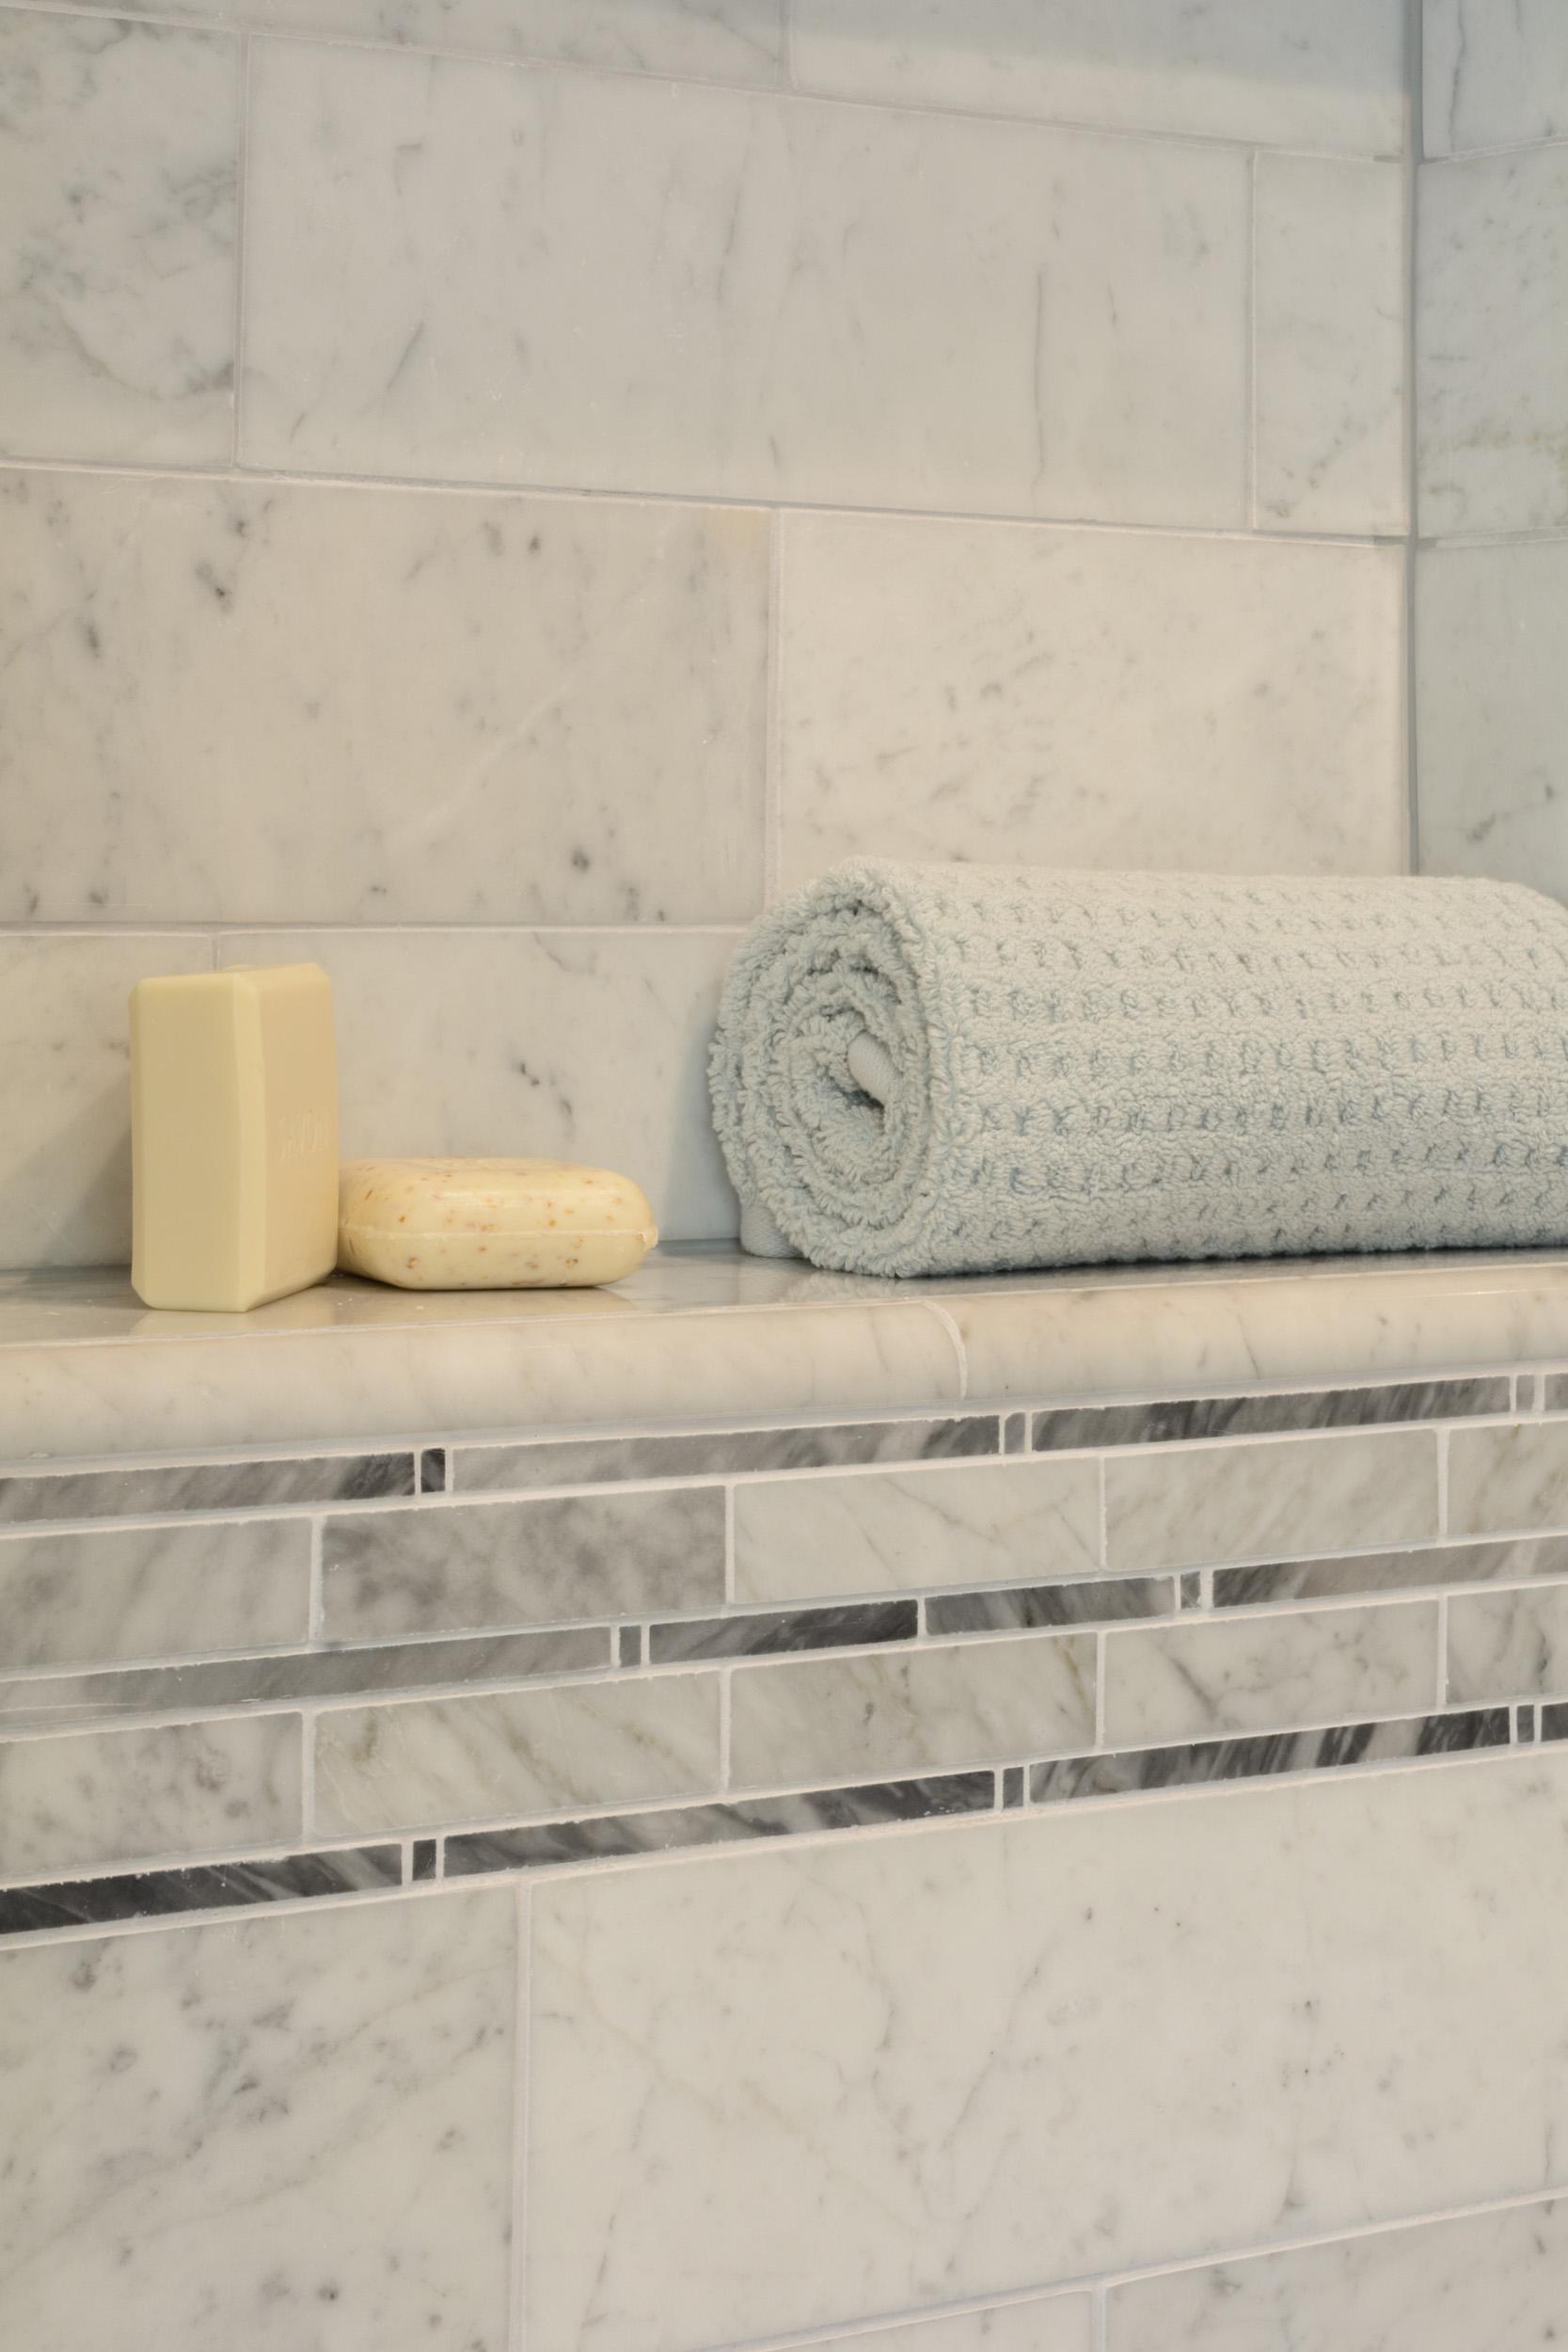 Spa-like retreat shower